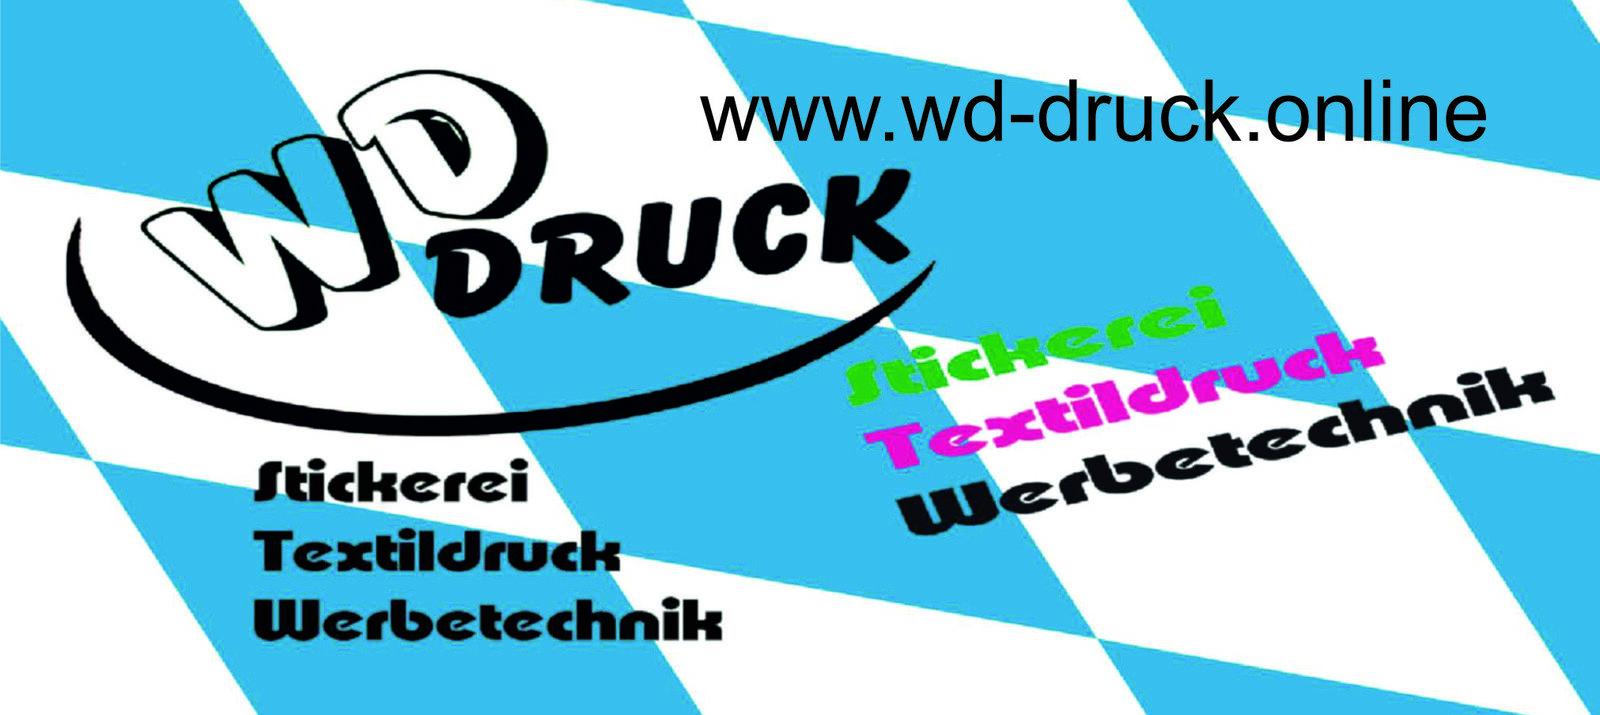 wd-druck.online